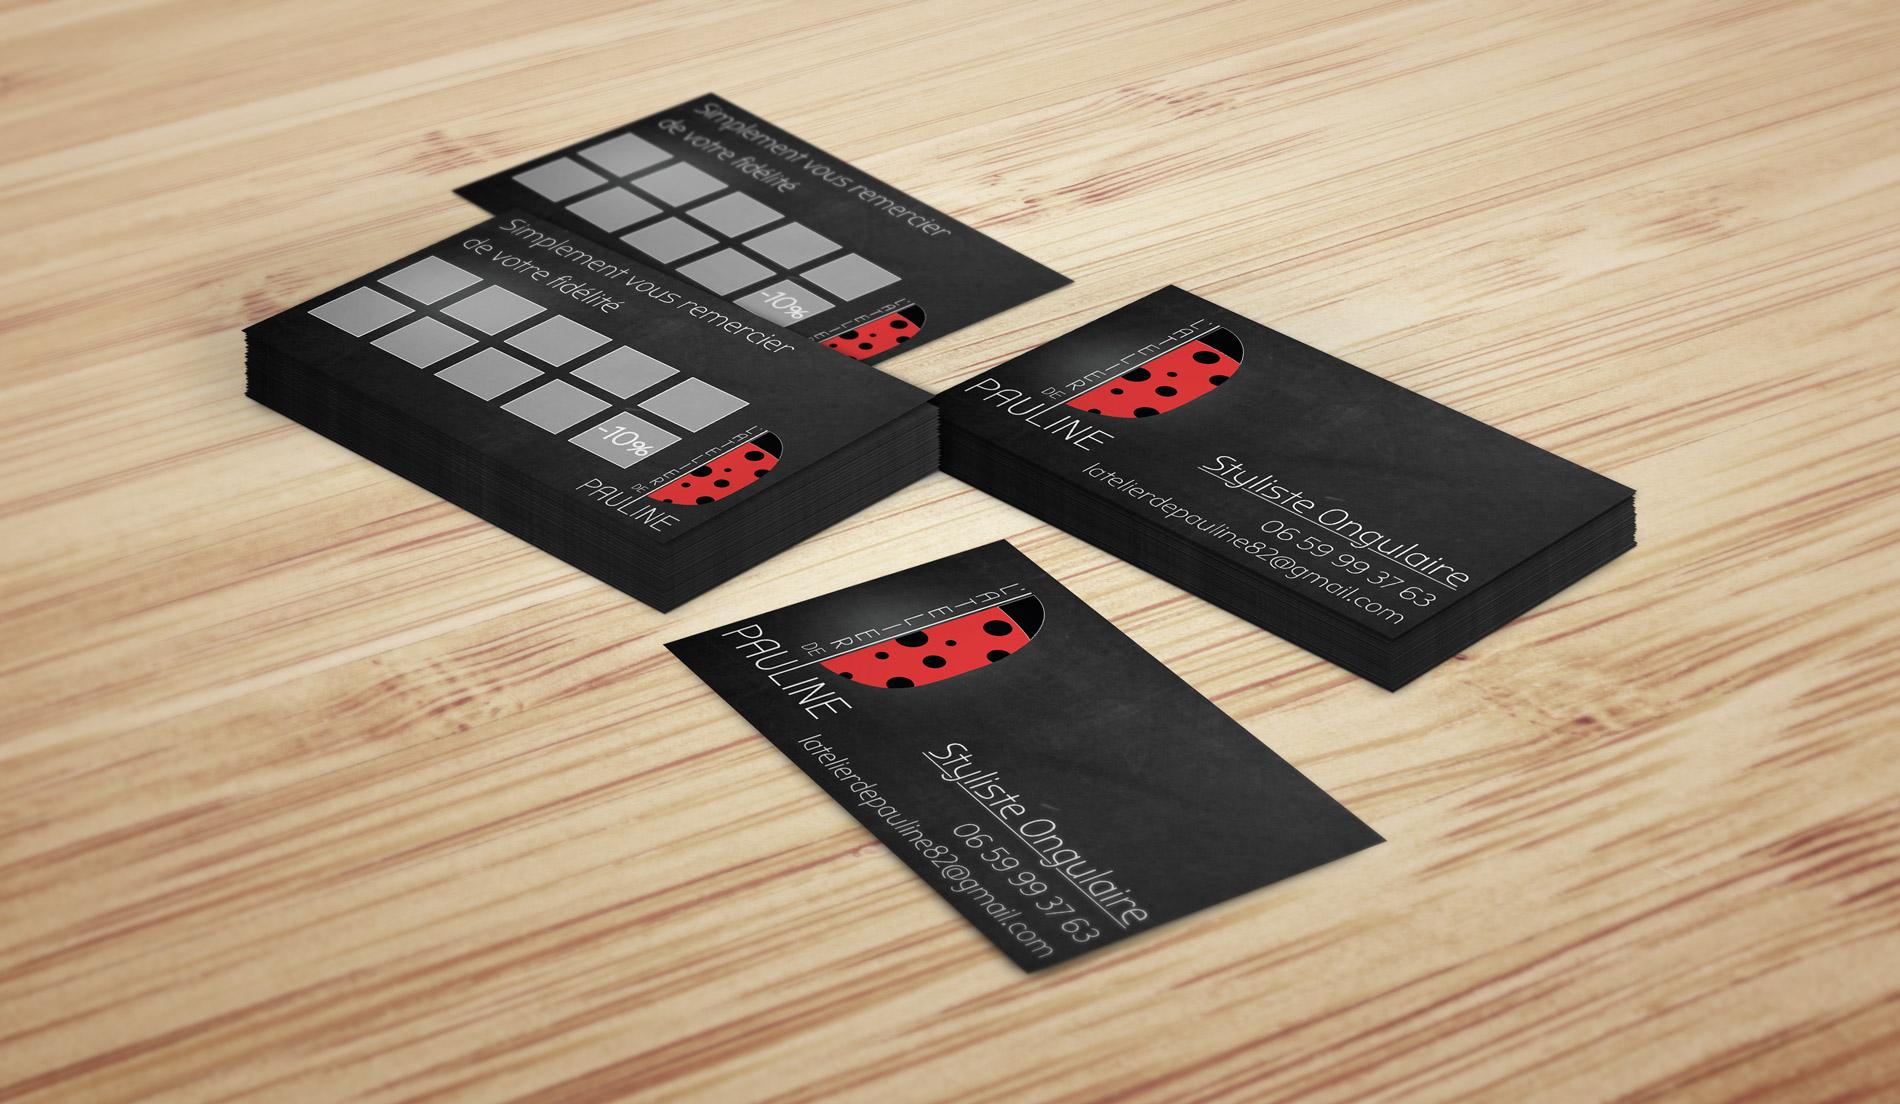 presentation carte de visite de l atelier de pauline styliste ongulaire avec une coccinelle en logo réalisé par cecile jonquiere - cecile jonquieres